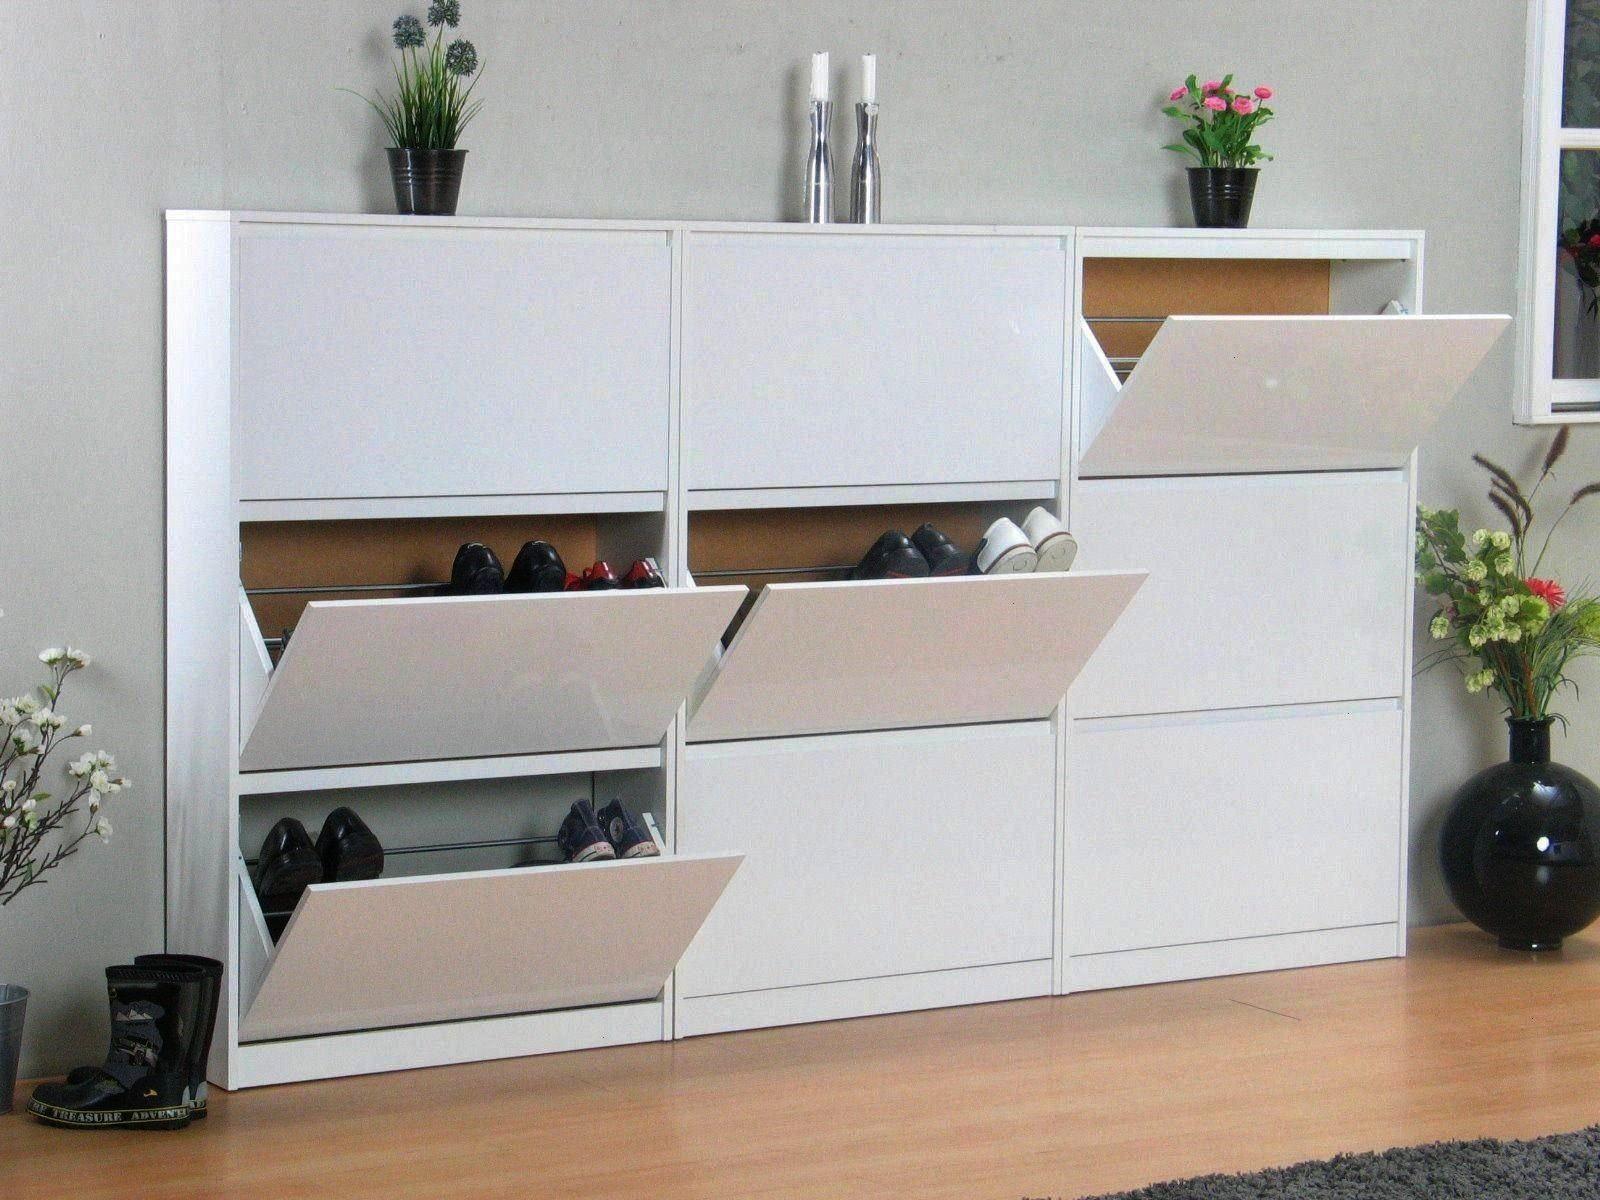 Full Size of Gartentisch Ikea Bettzeichnen Ikeagartentisch Sofa Mit Schlaffunktion Betten 160x200 Bei Küche Kosten Kaufen Miniküche Modulküche Wohnzimmer Gartentisch Ikea